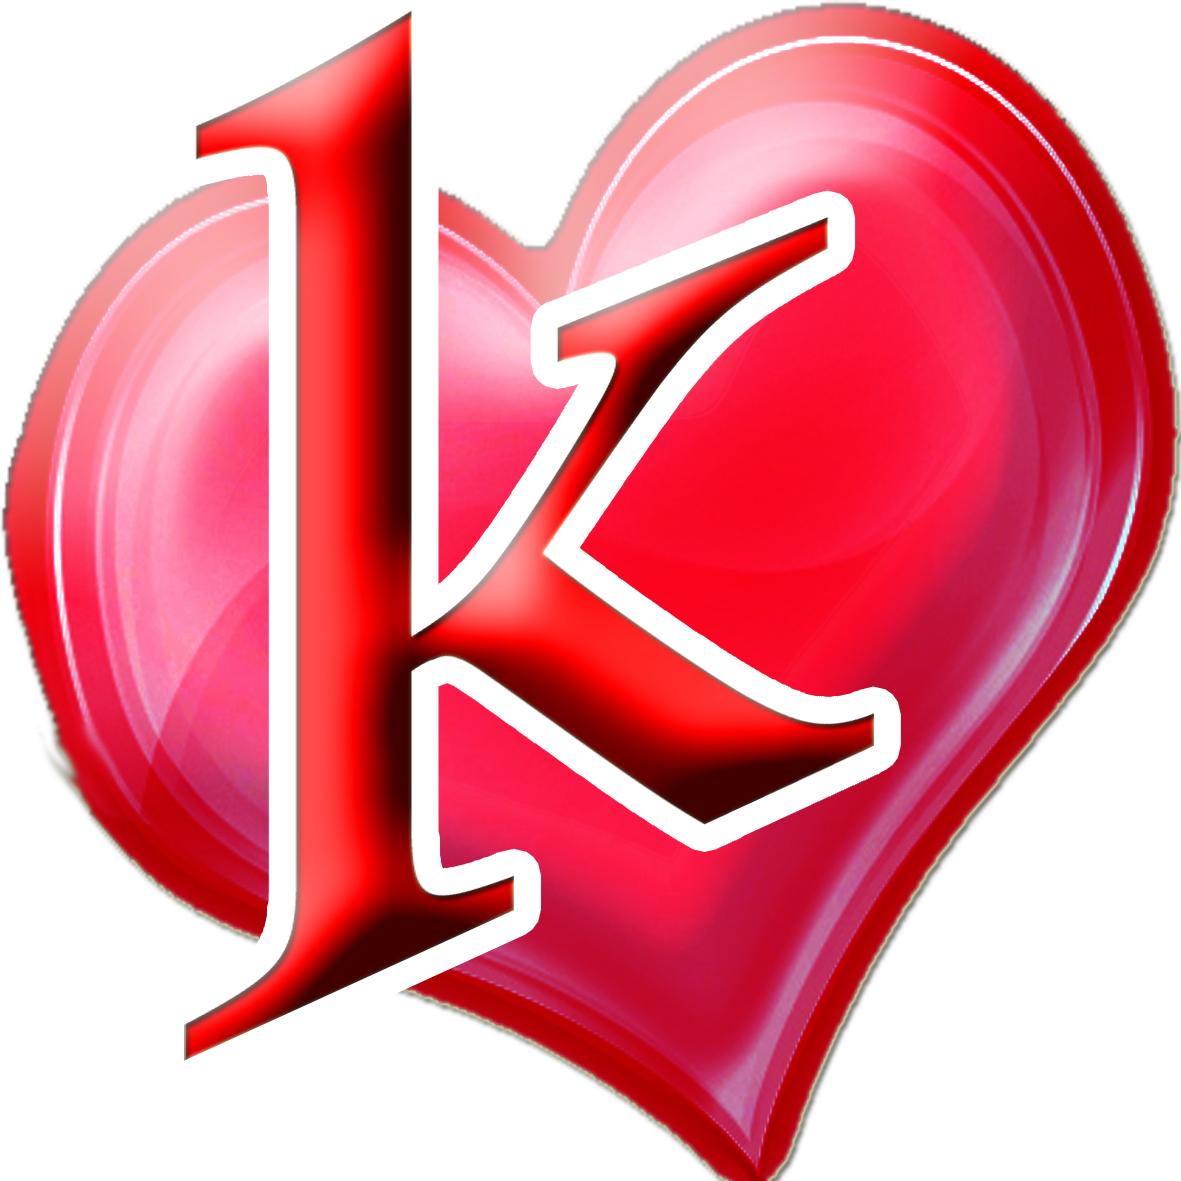 بالصور صور حرف k , خلفيات حرف k 3964 1